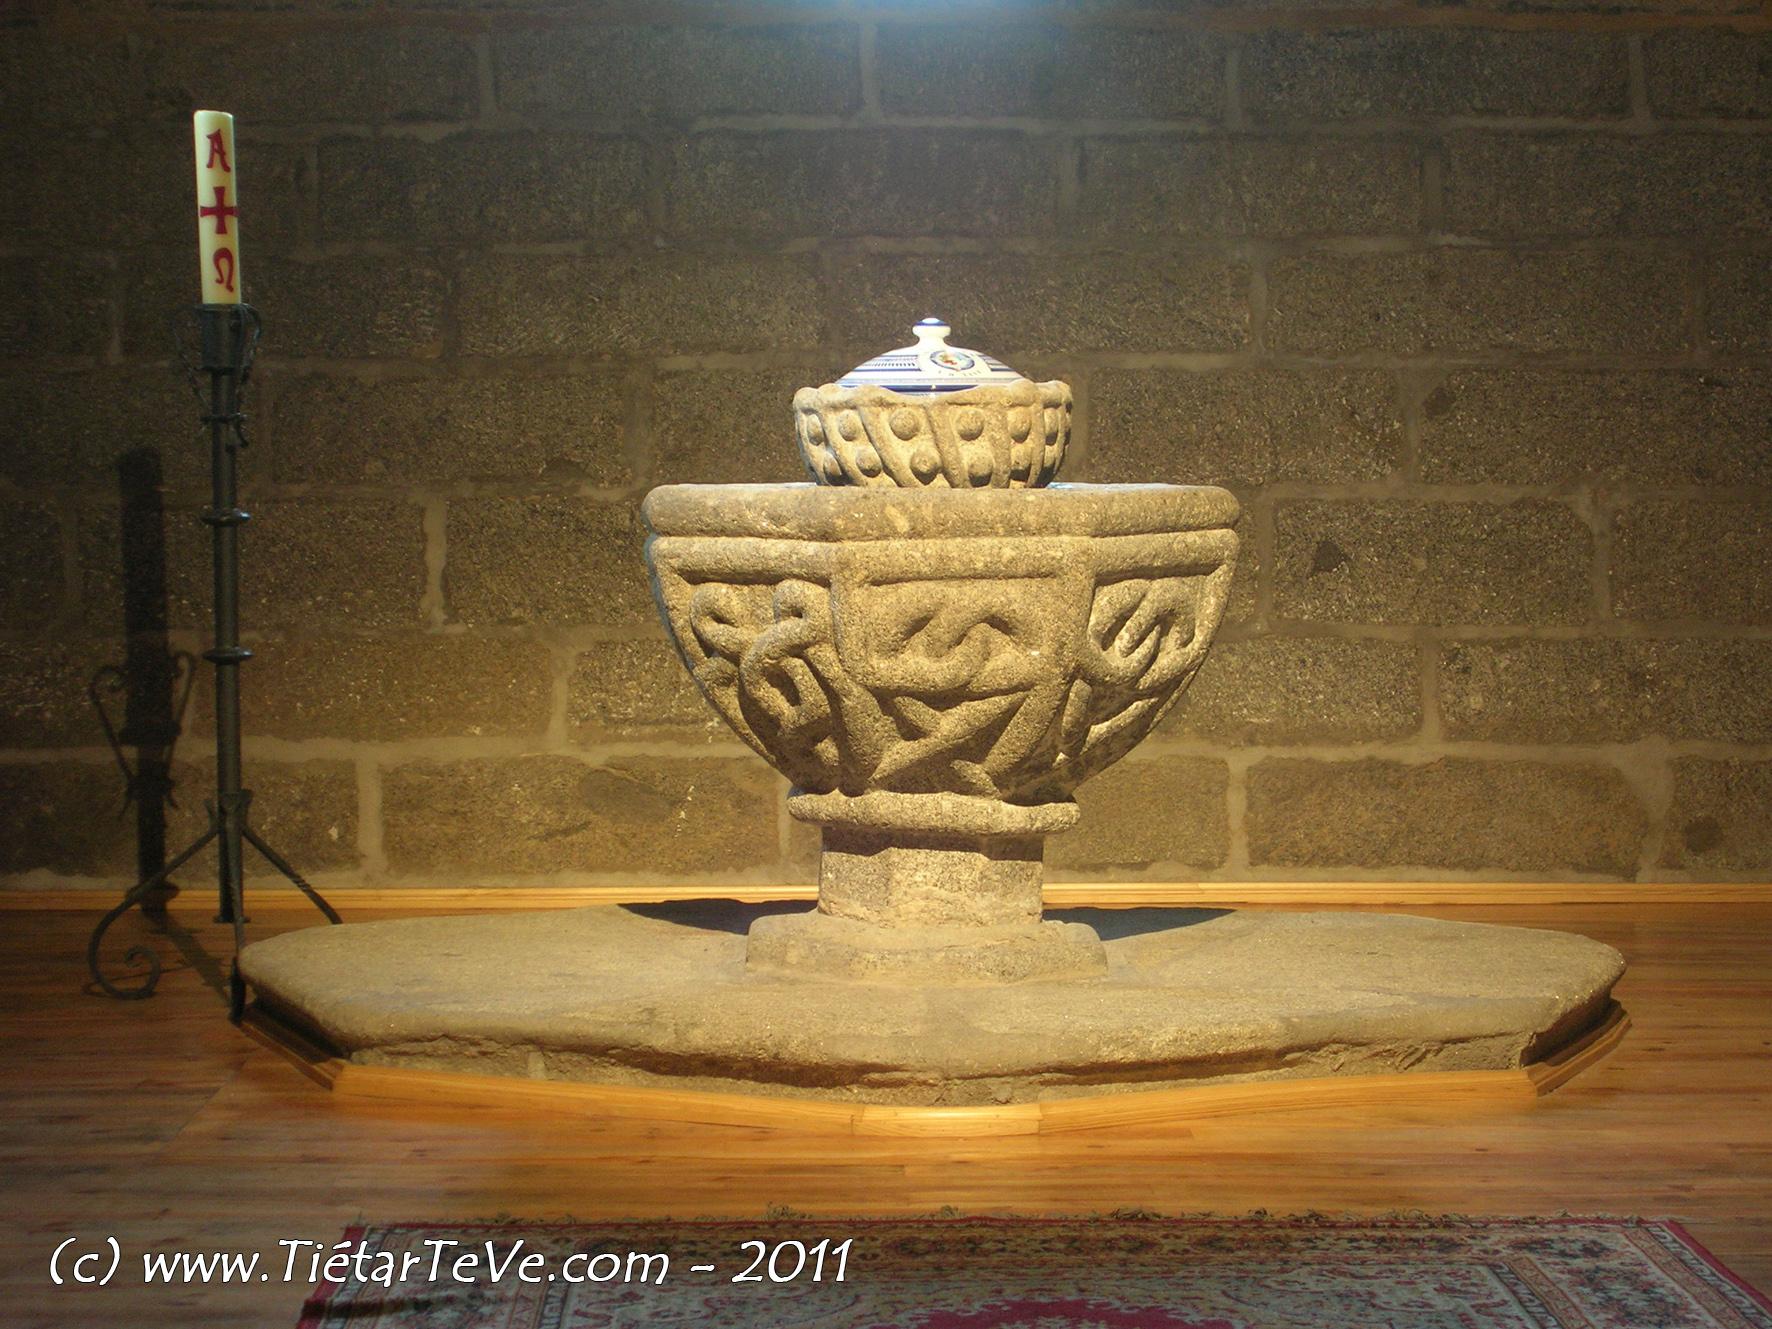 Pila Bautismal -  Iglesia de Nuestra Señora de la Asunción- Arenas de San Pedro - TiétarTeVe